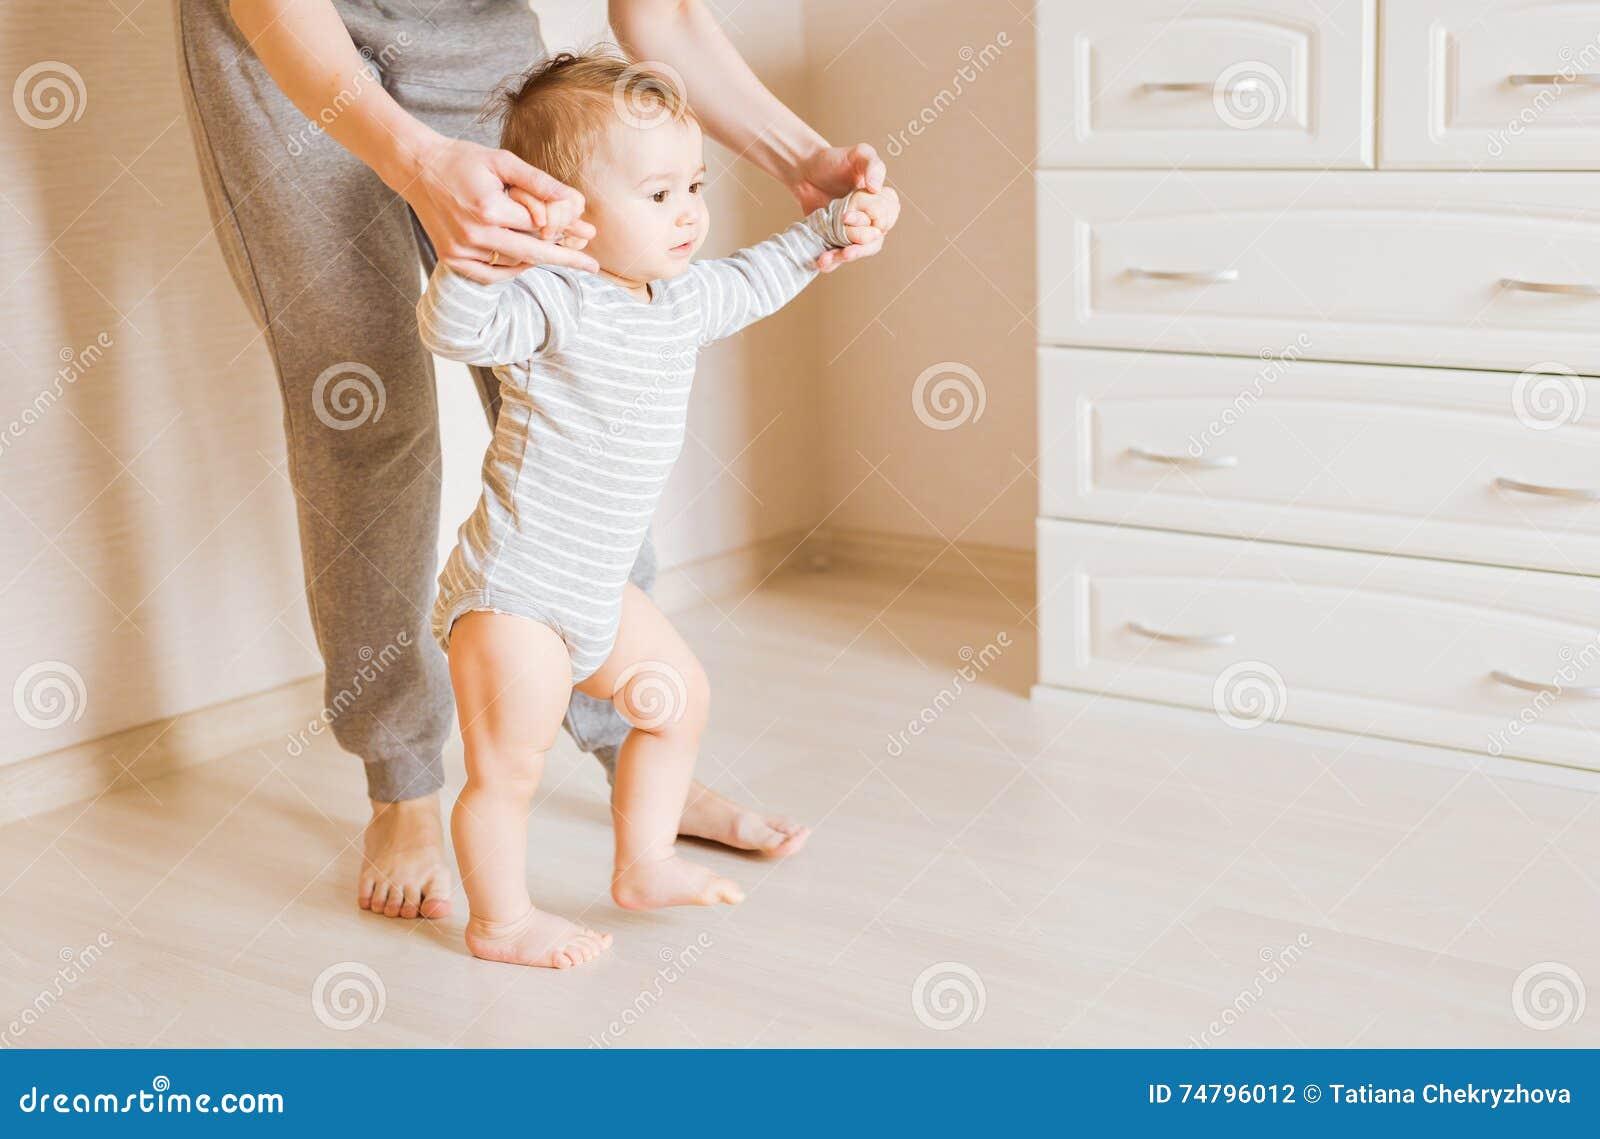 Учим ребенка ходить фото